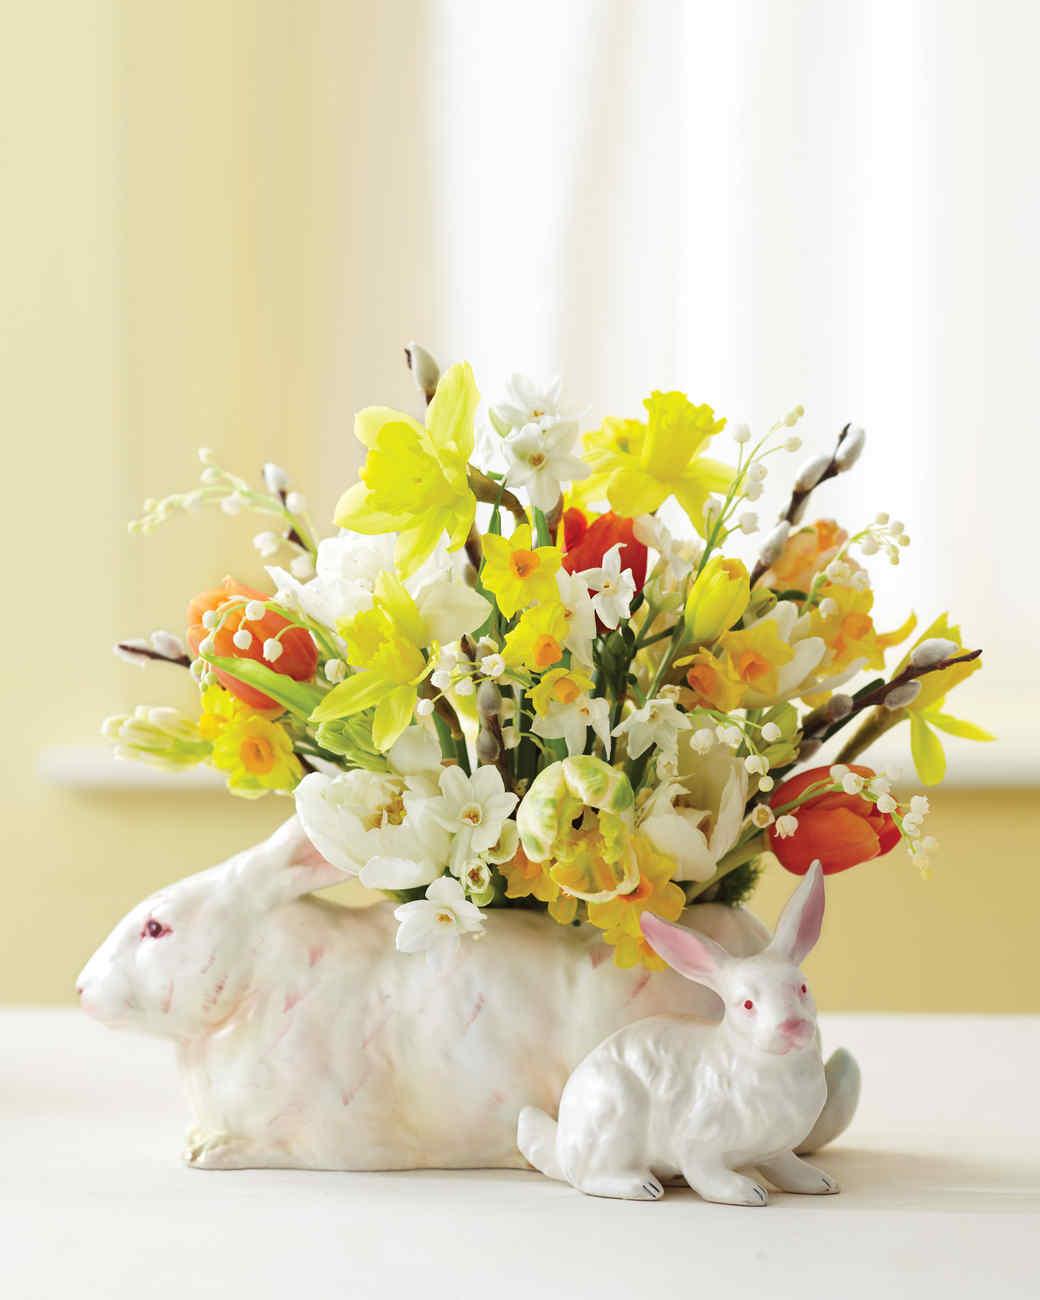 mld106987_0411_bunnies_flowerpot04.jpg